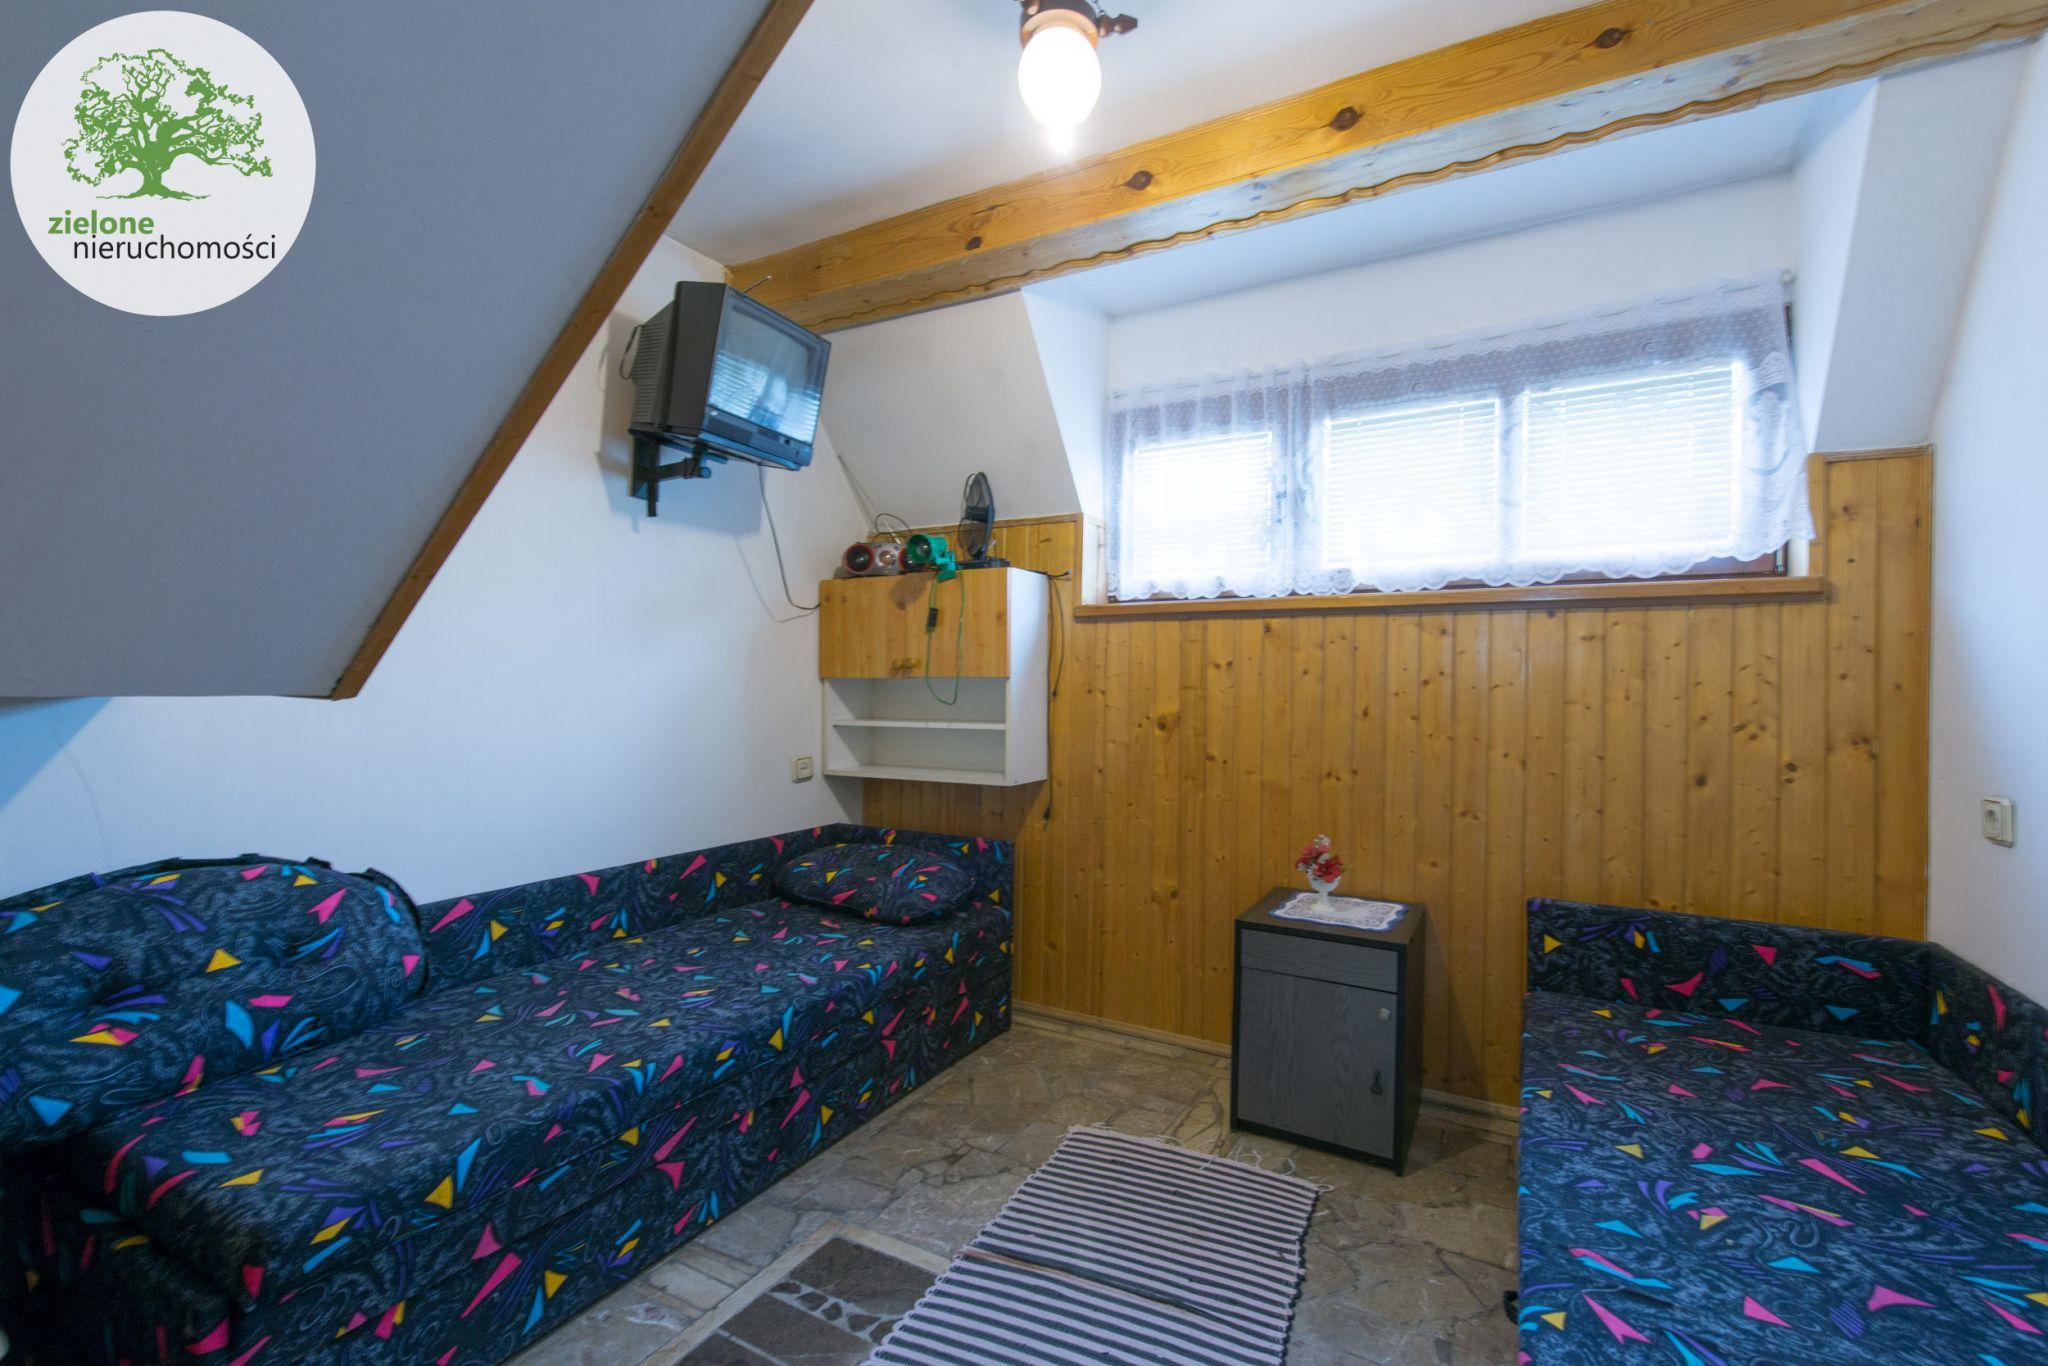 Zdjęcie 12Dom, pensjonat w Szczyrku